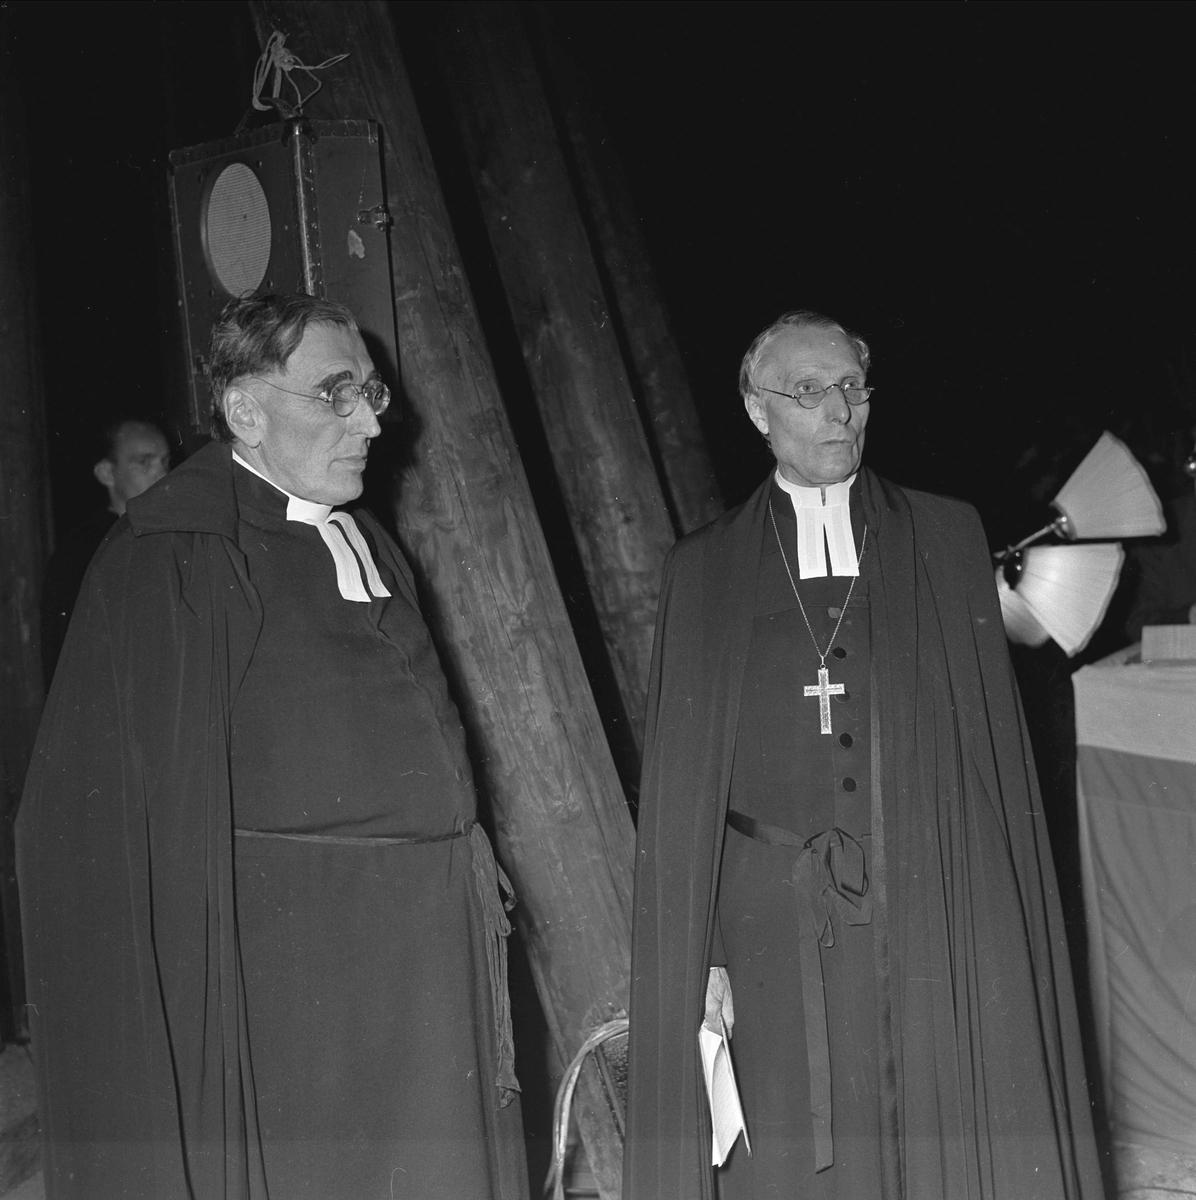 Invigning av Märsta klockstapel, Uppland september 1955